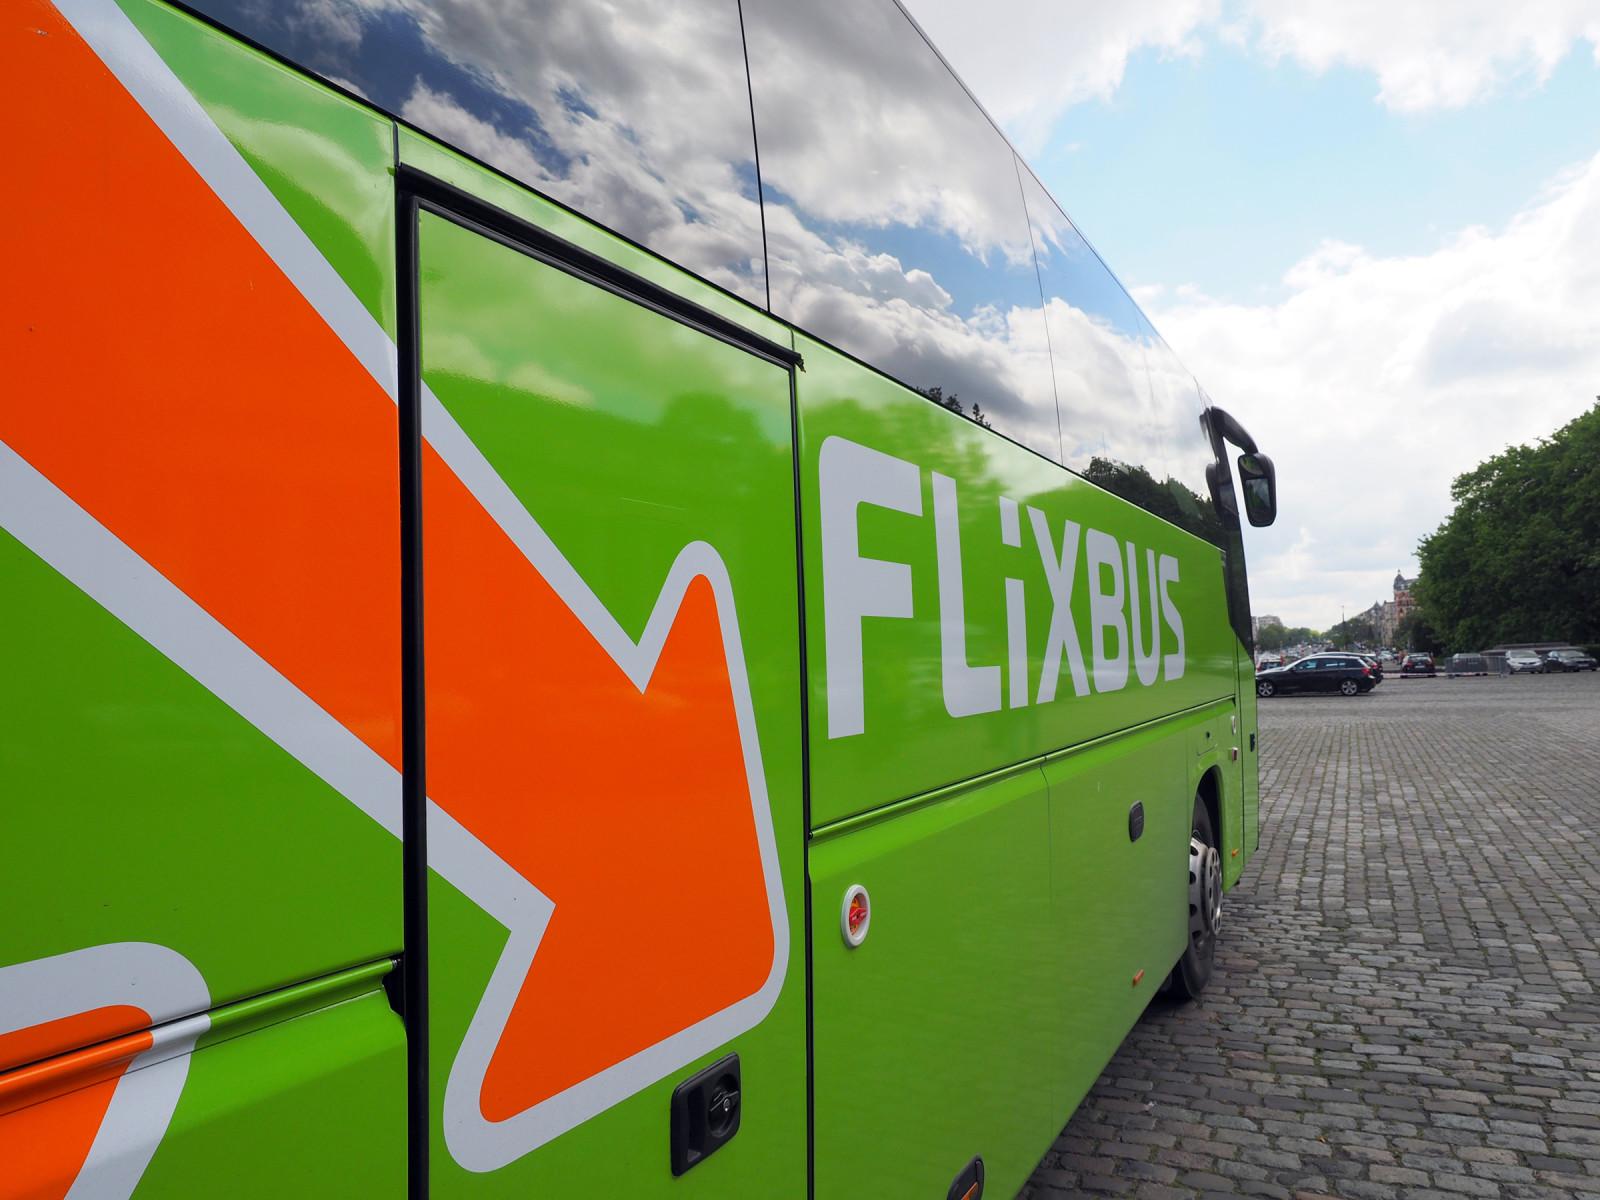 Mautbefreiung für den Fernbus: Warum gibt es keine Fernbusmaut? Alle anderen müssen zahlen, das verzerrt den Wettbewerb im Verkehr.